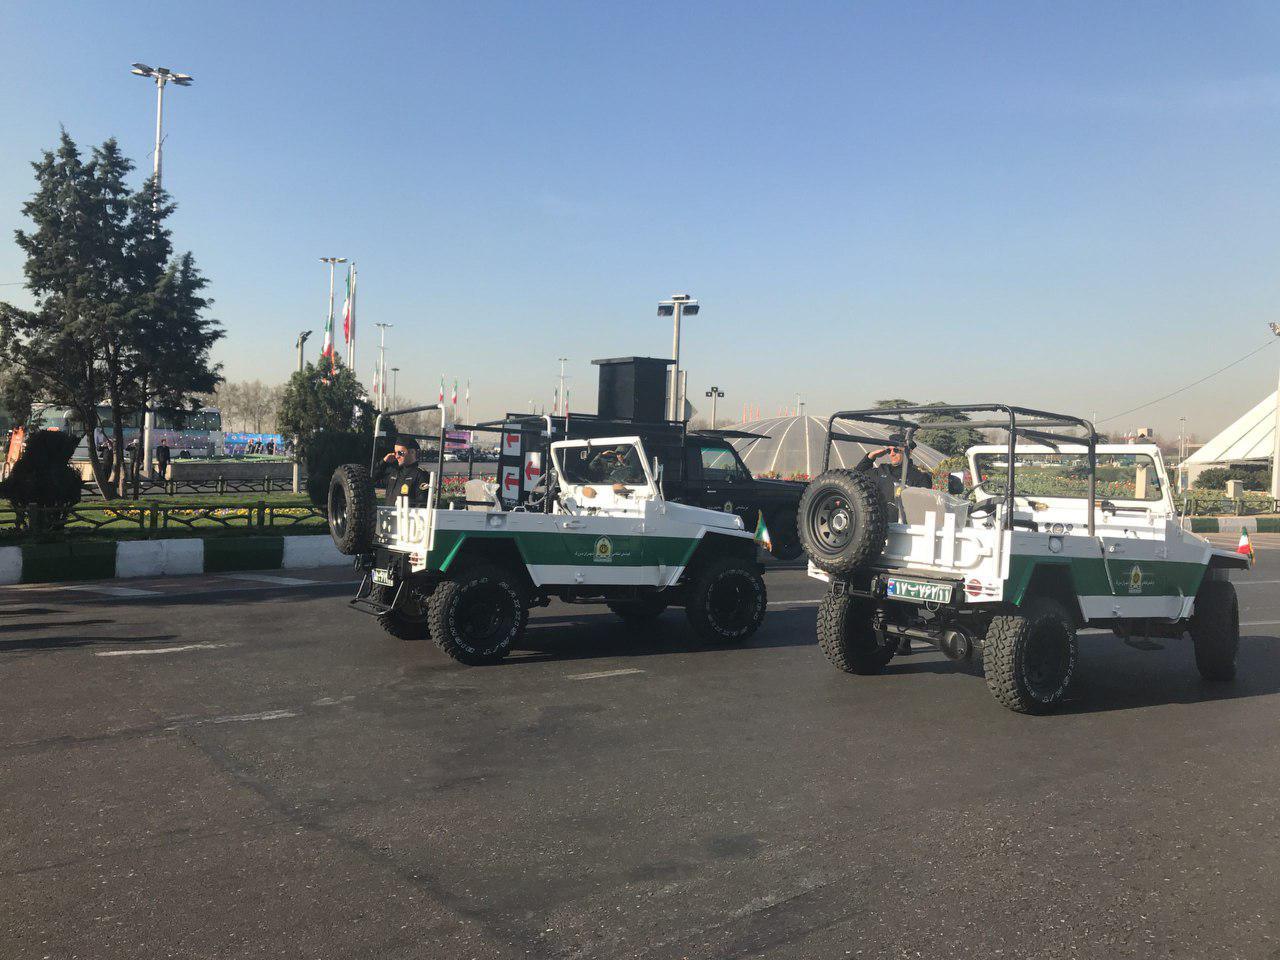 امنیت در مرزهای کشور برقرار است و تهدید خاصی وجود ندارد/ حضور 25 هزار نیروی پلیس در قرارگاههای نوروزی شهر تهران